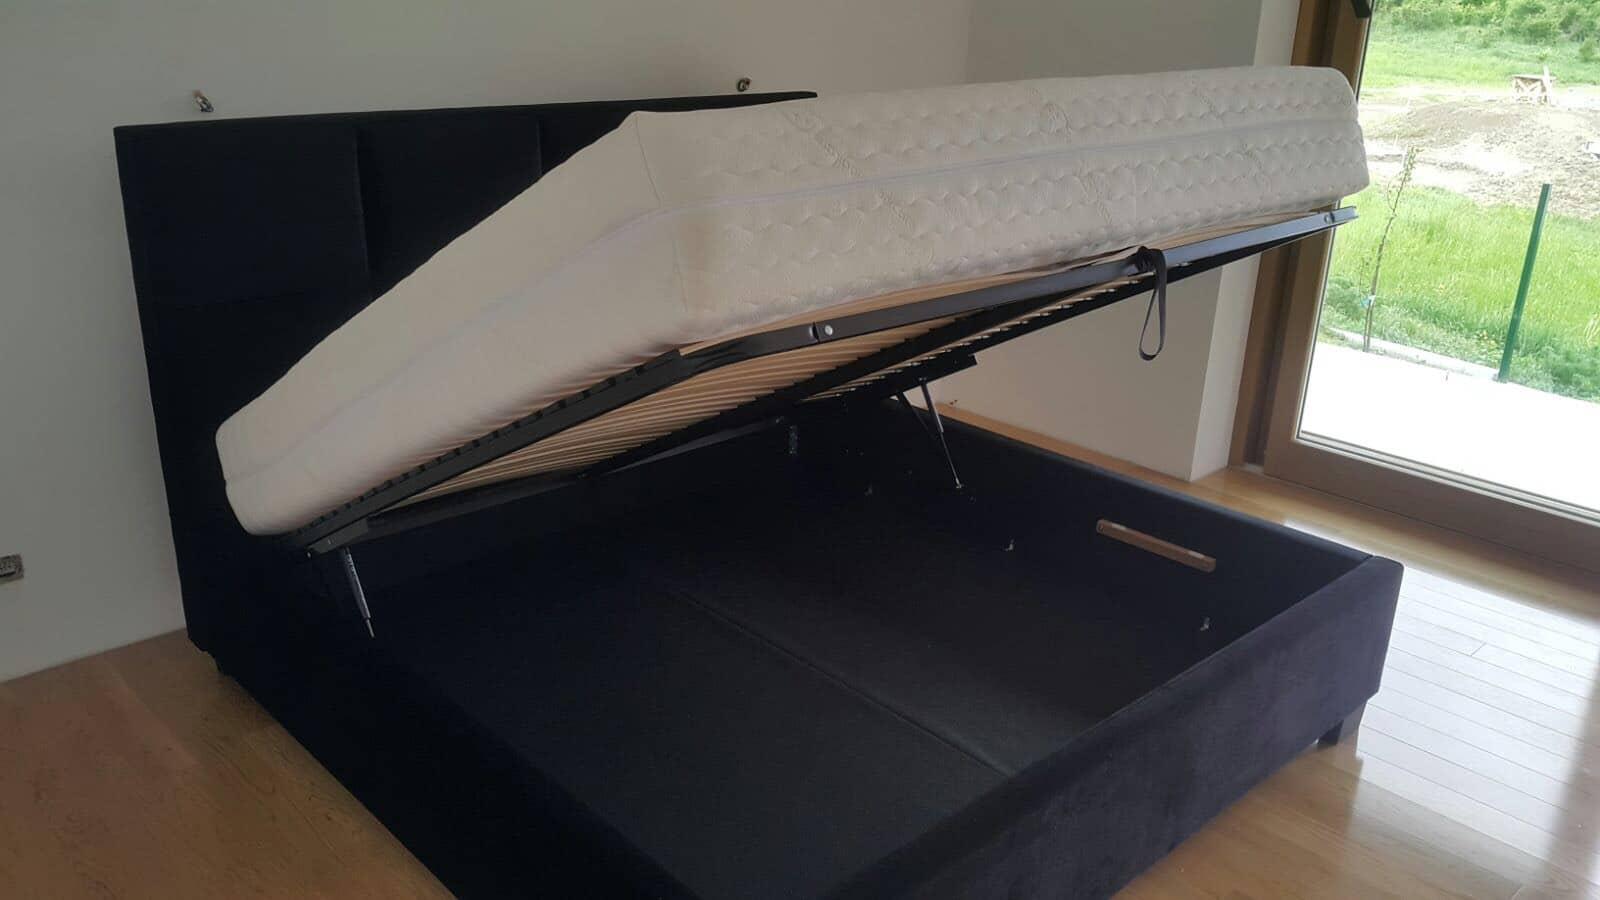 Rámová verzia postele Soft Plus 200x200cm s vypuklým čelom s výškou 140cm, bočnice 35cm  a úložným priestorom s predným výklopom doplnená vysokým hotelovým matracom Helena.